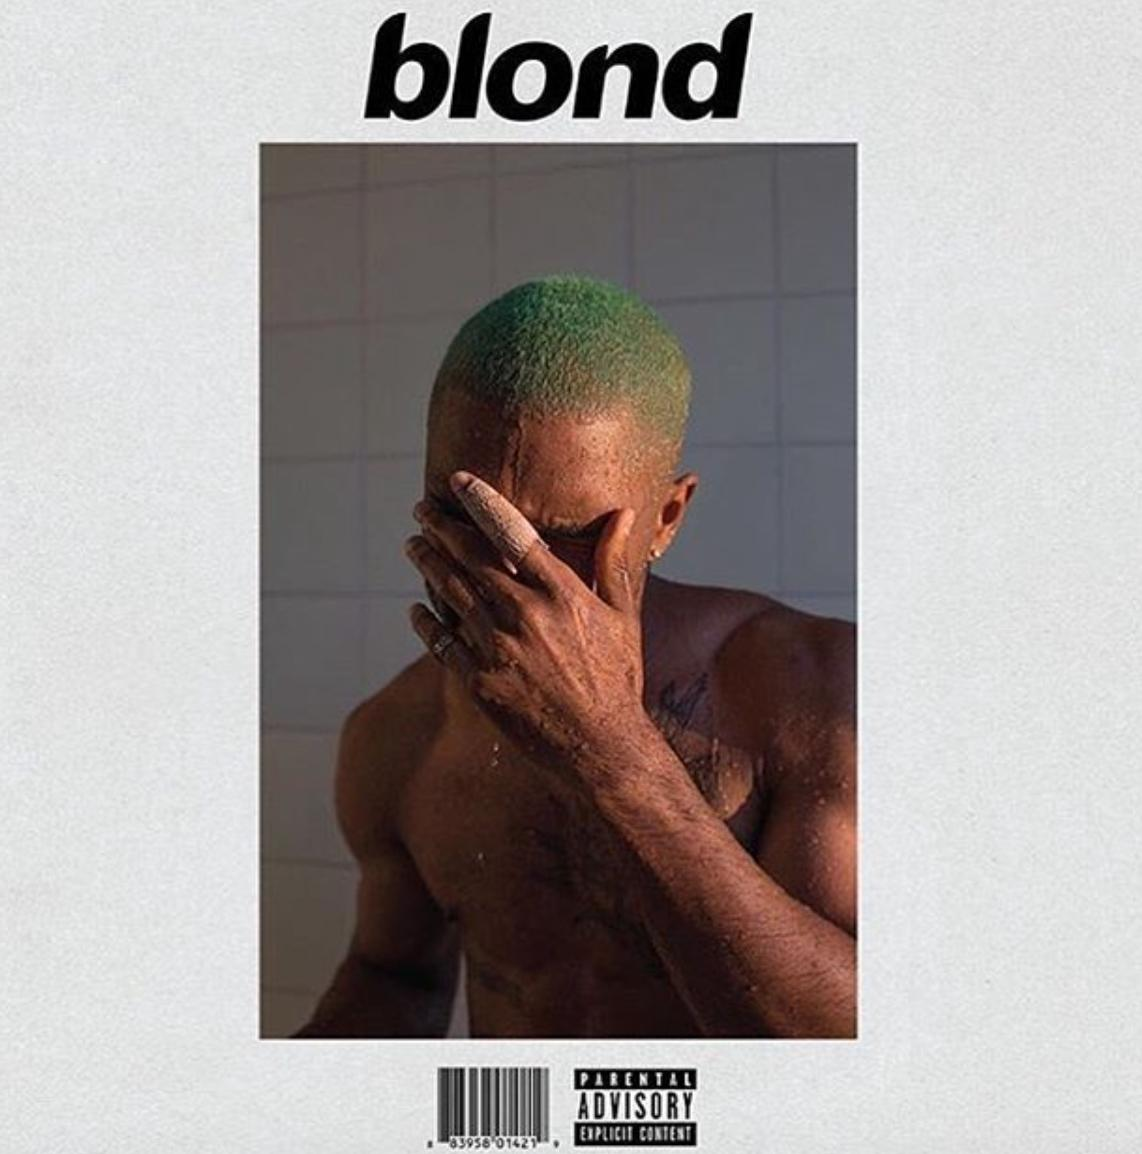 Frank Ocean Blonde Album